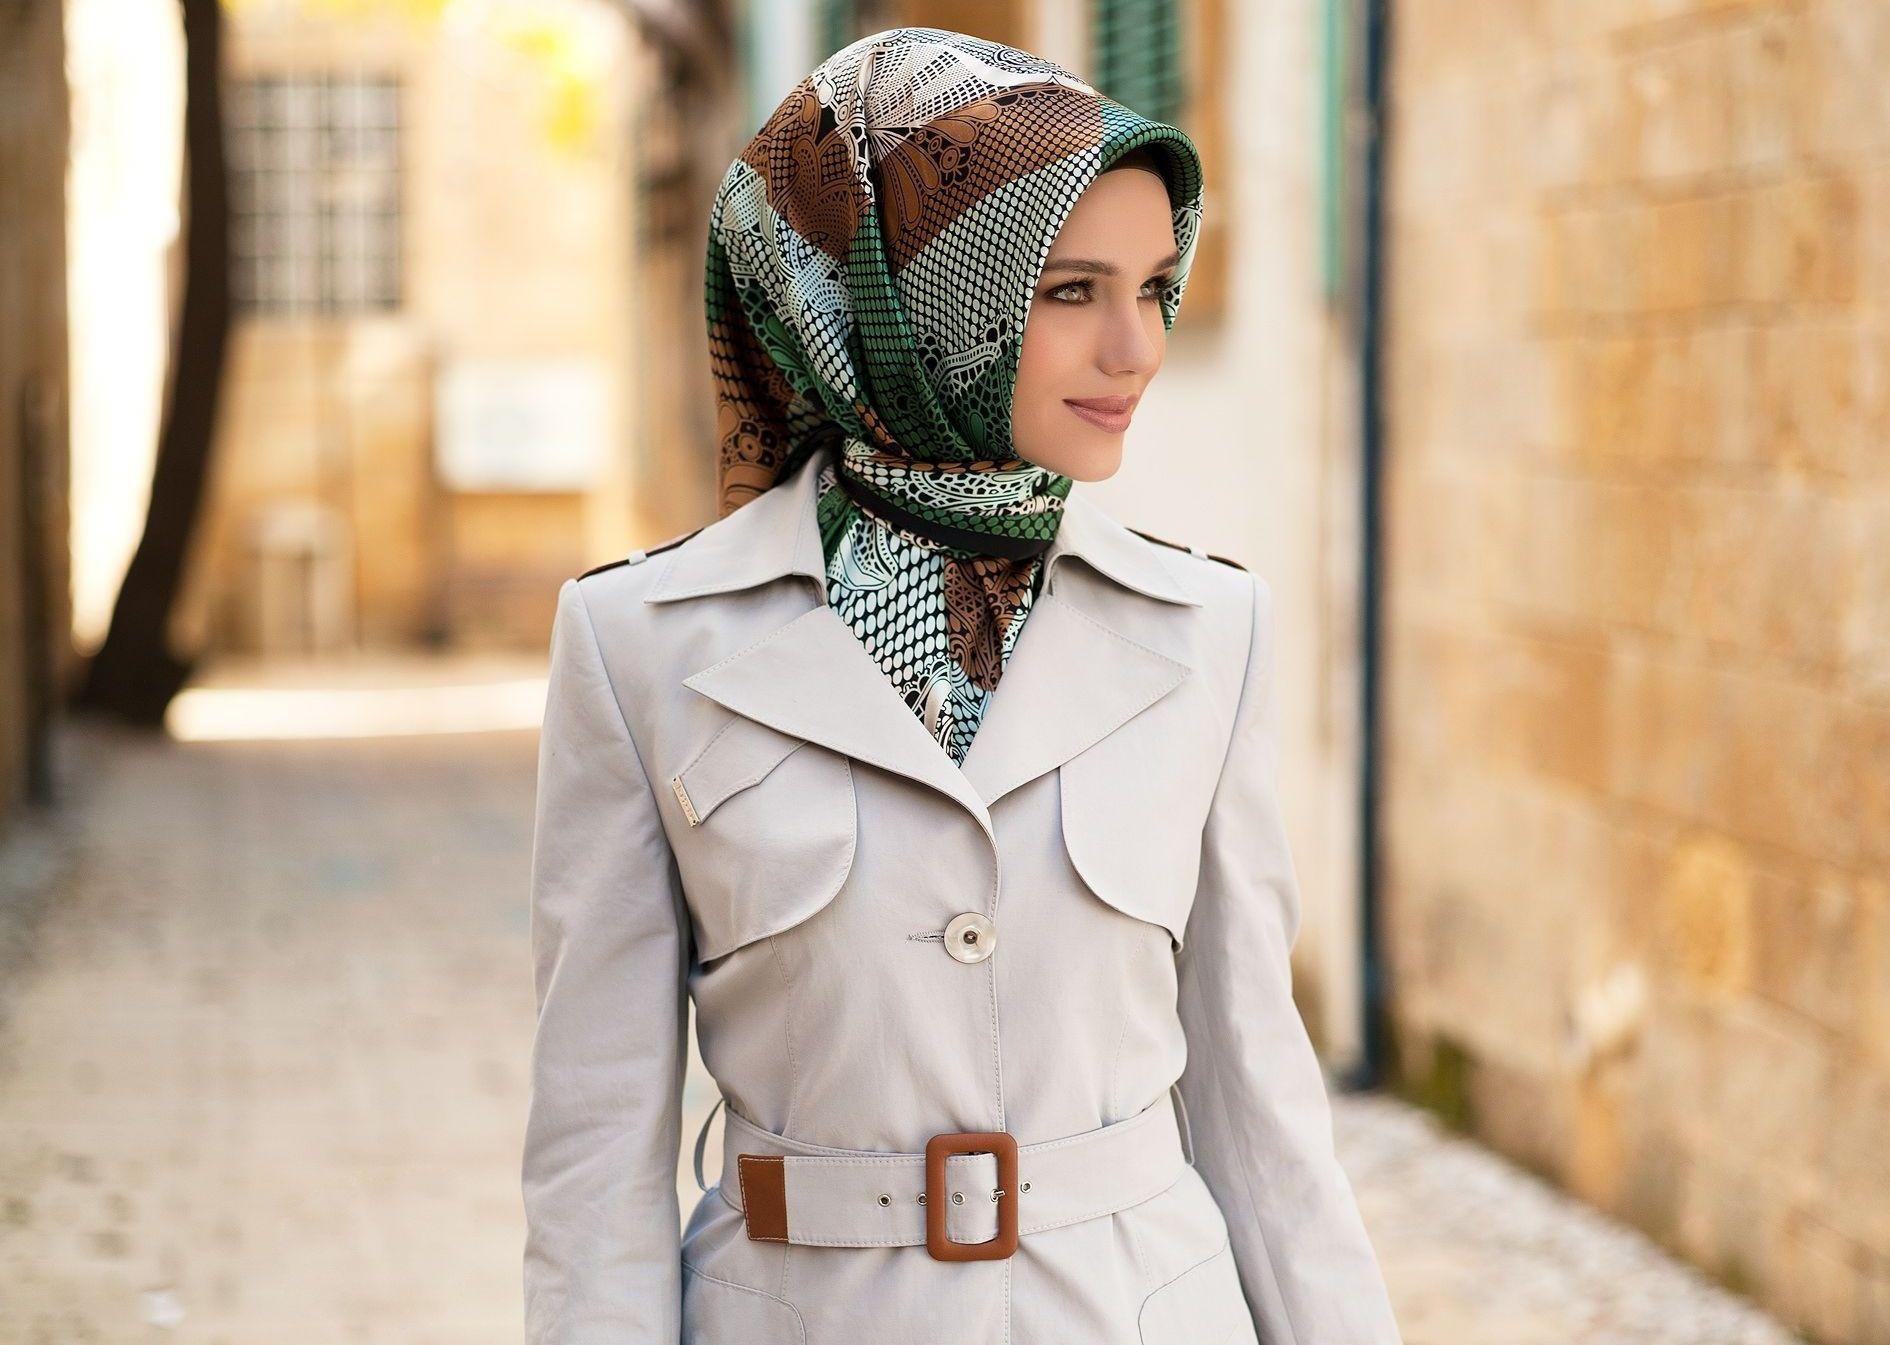 Tampil Cantik dan Fashionable Begini Gaya Hijab yang Cocok Dipakai ke Kantor Muslim